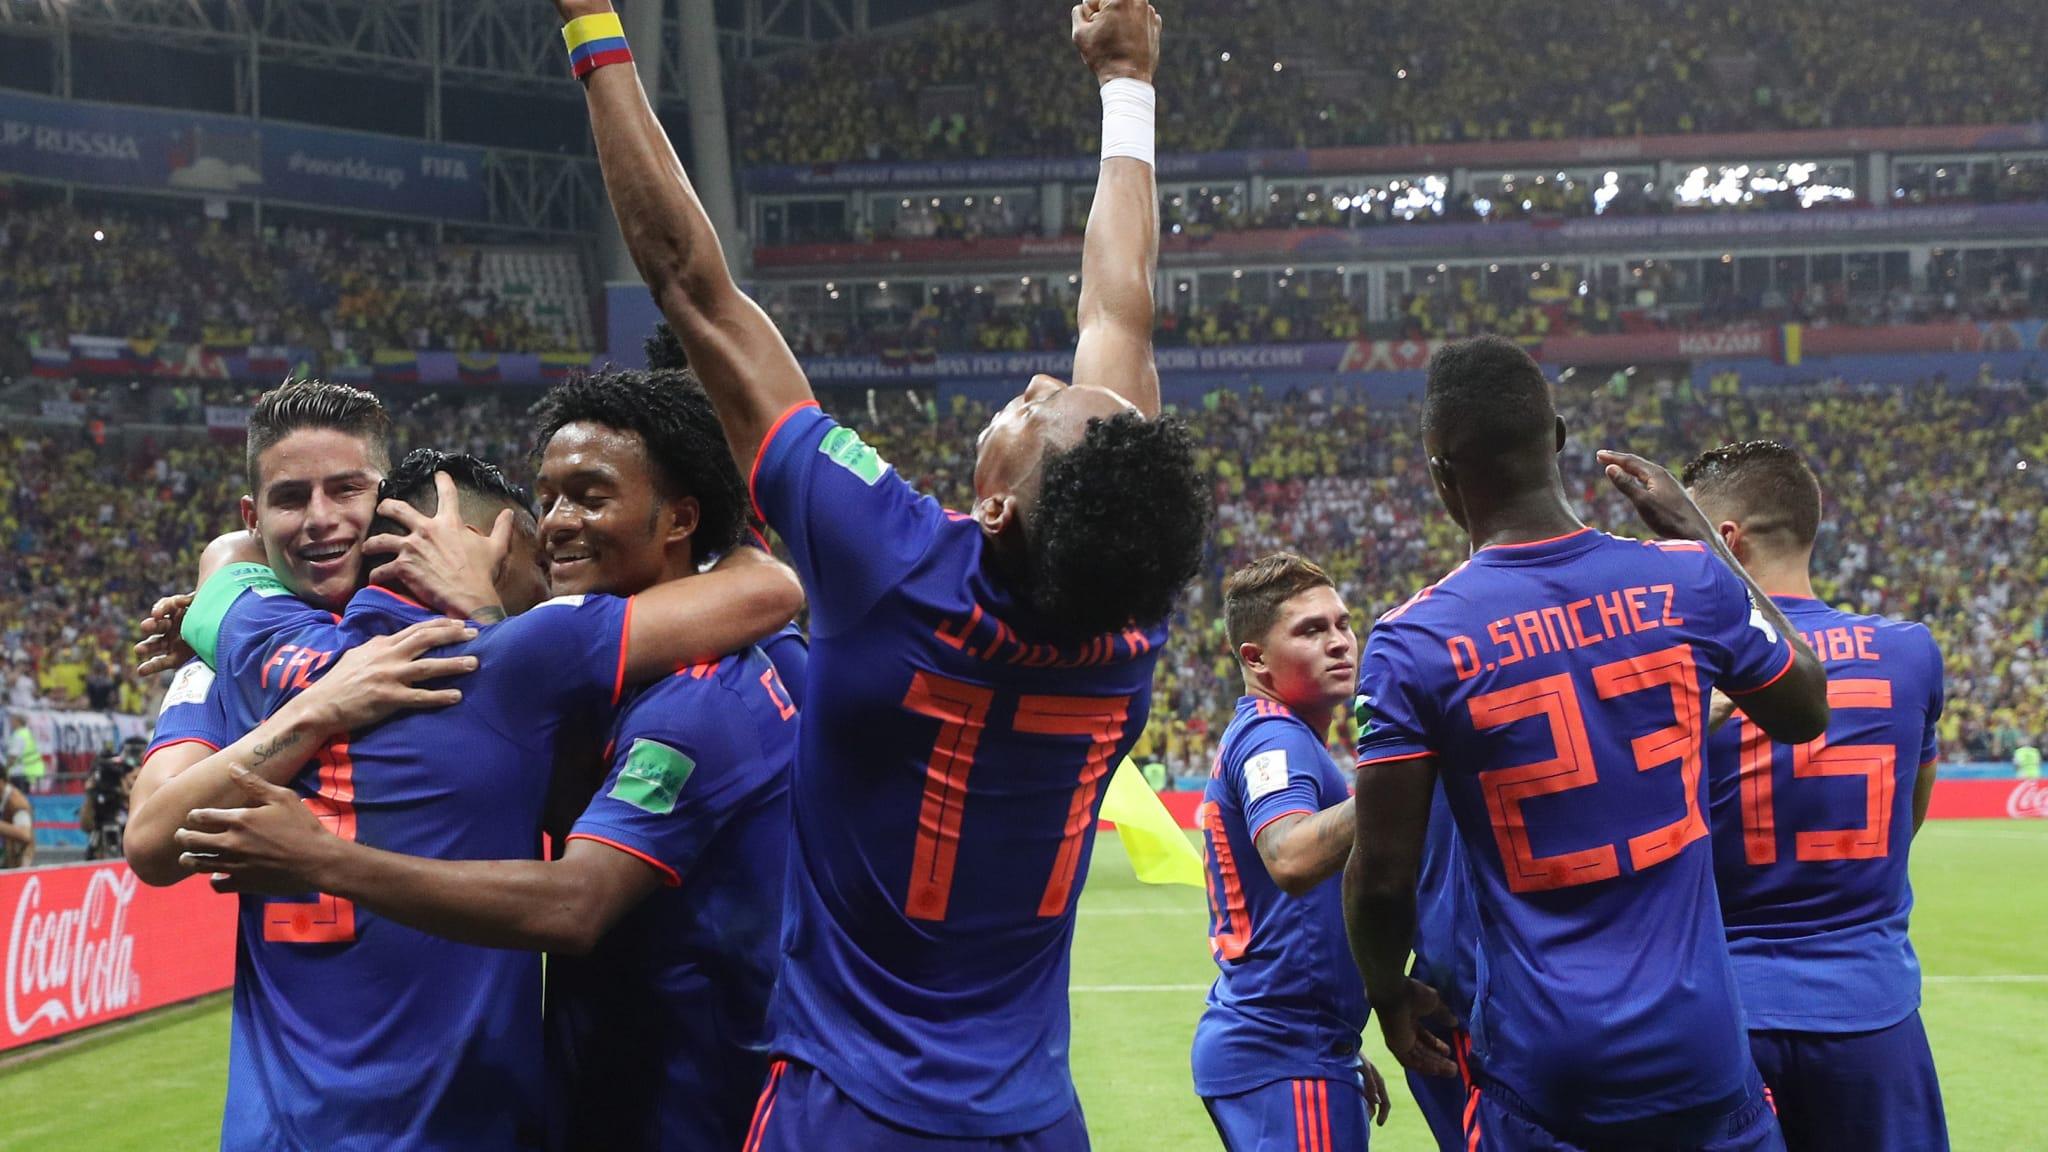 MENANG. Kolombia merayakan kemenangan mereka atas Polandia dengan skor 3-0. Foto dari FIFA.com